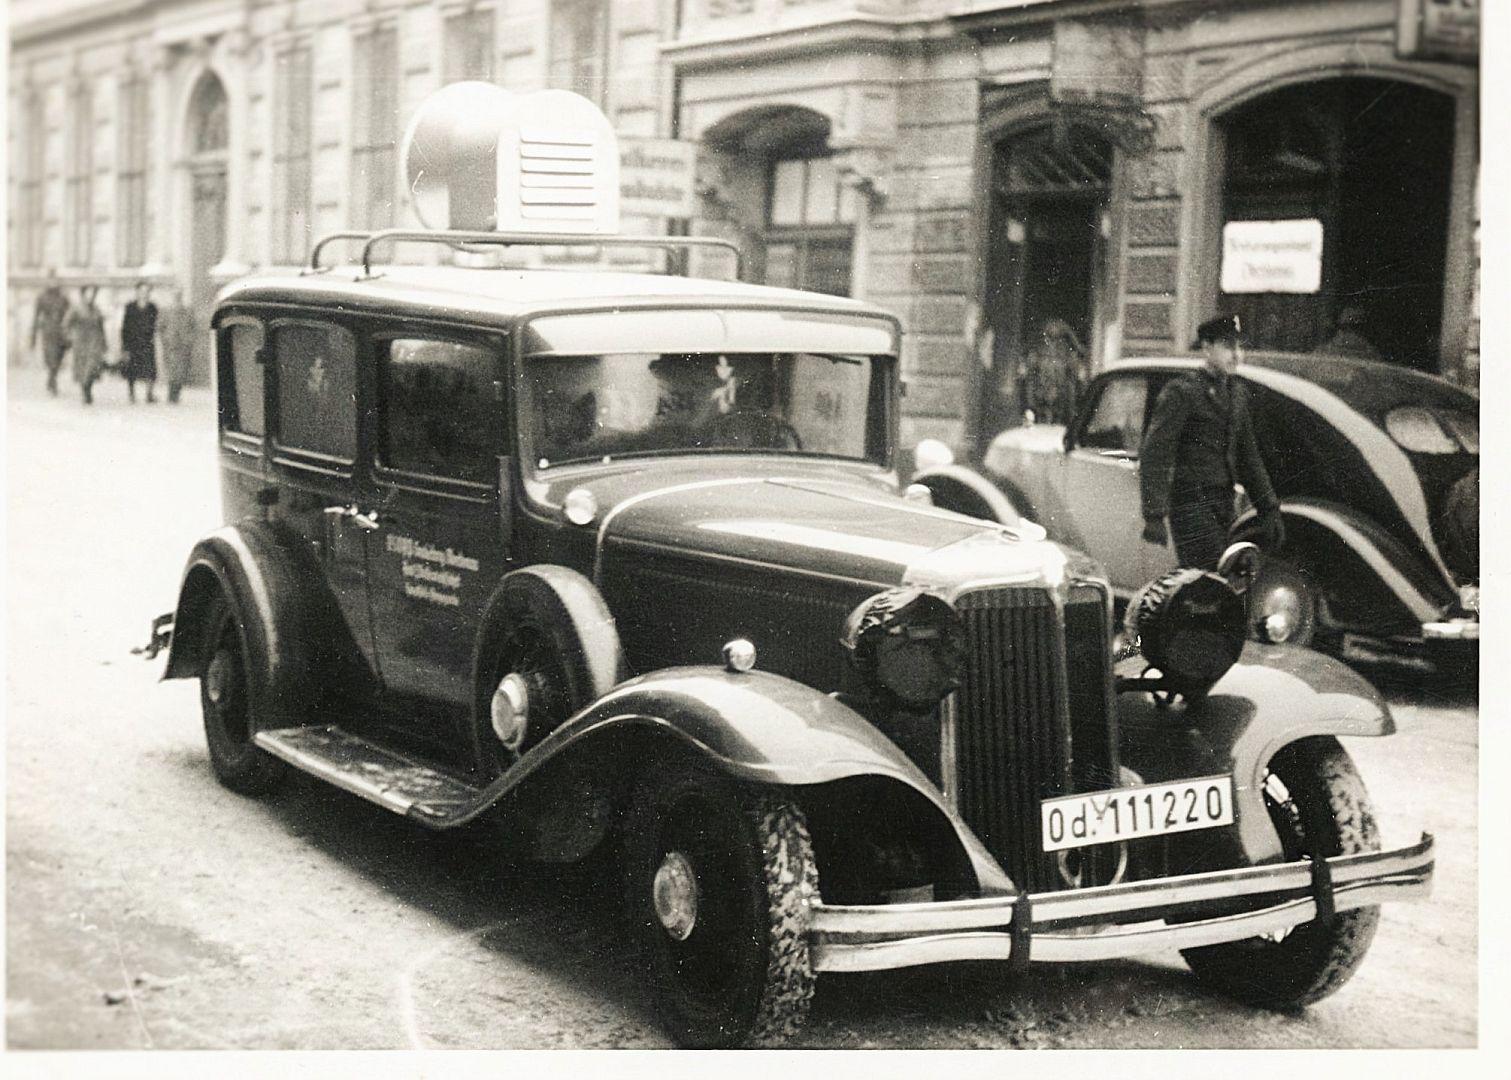 Chrysler_Imperial_1931-32_Steyr_120_1935-36_Oberdonau